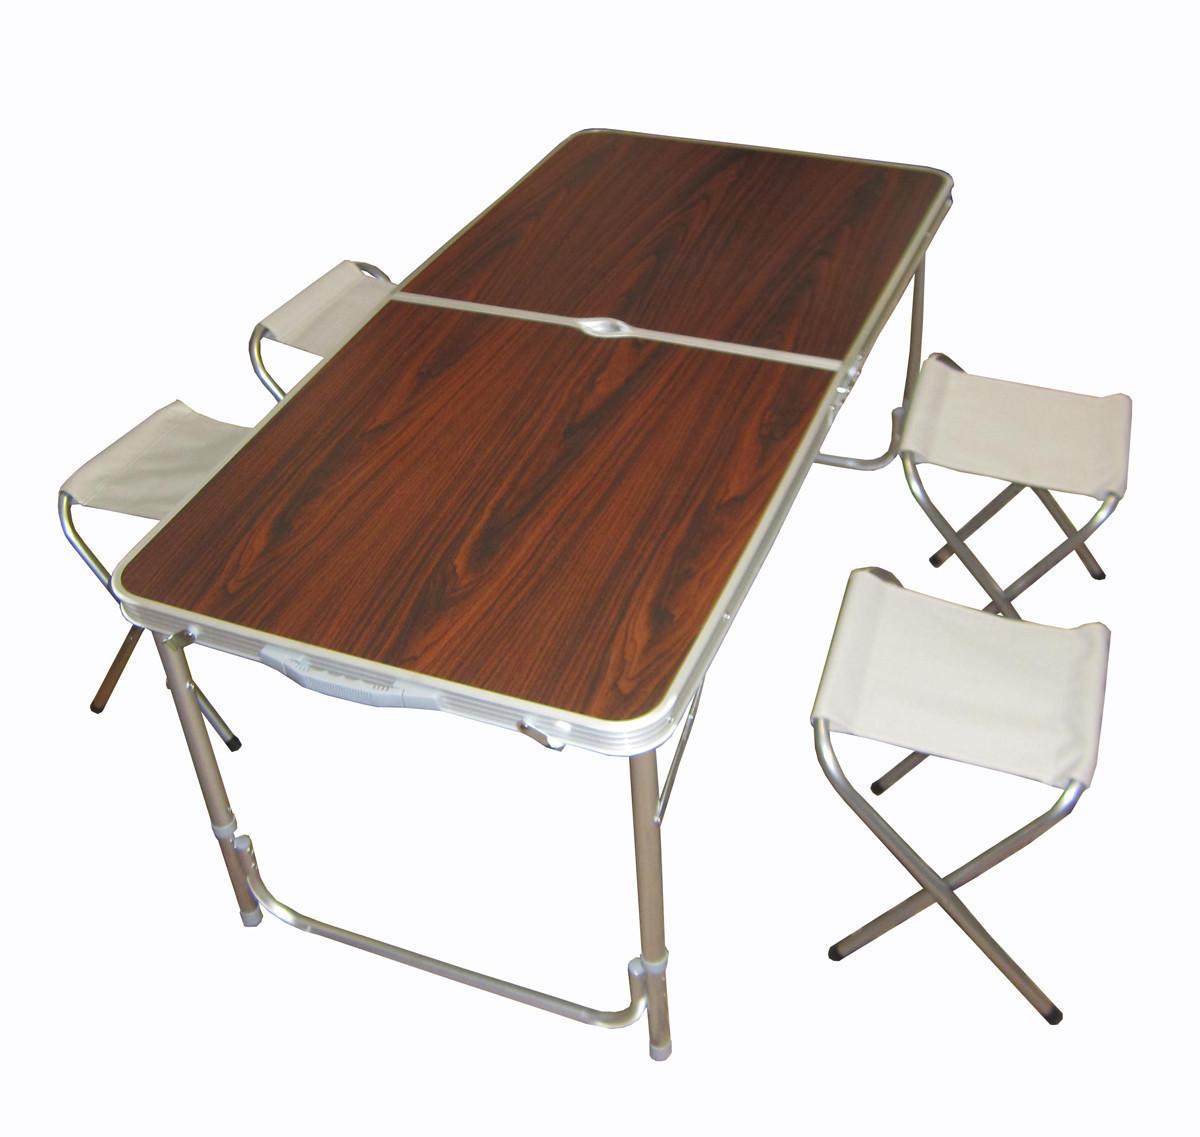 Раскладной стол для пикника с 4 стульями FT-2107 (коричневый)